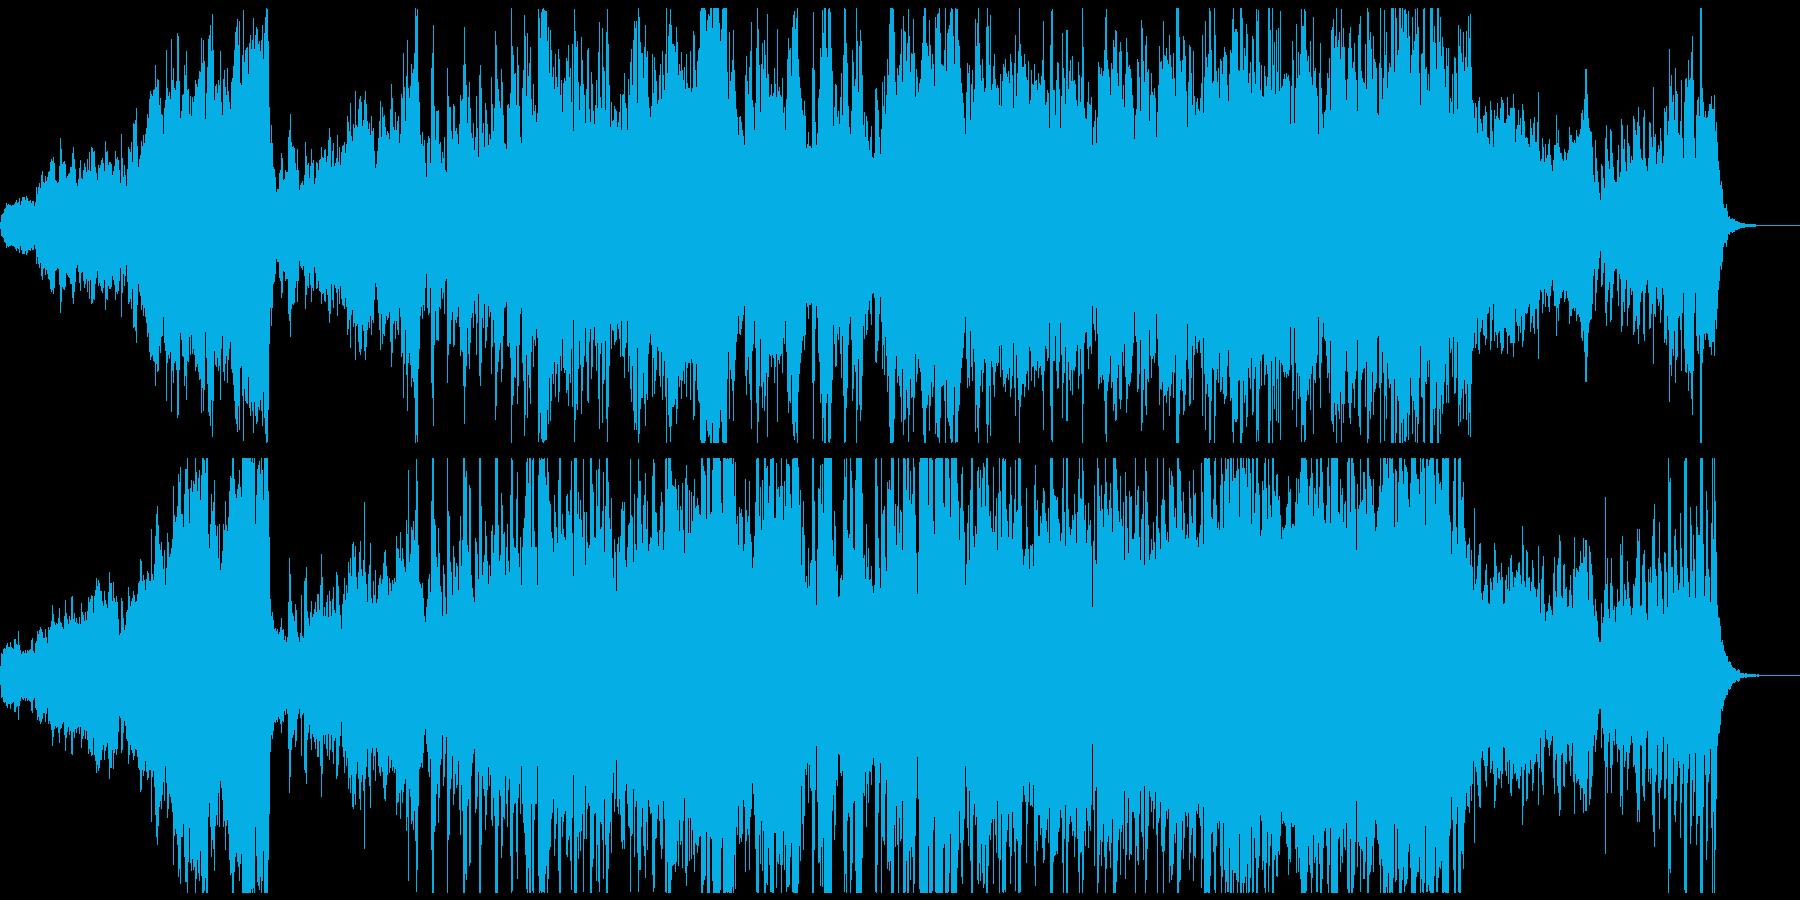 大きな目標に向けて突き進むオーケストラの再生済みの波形